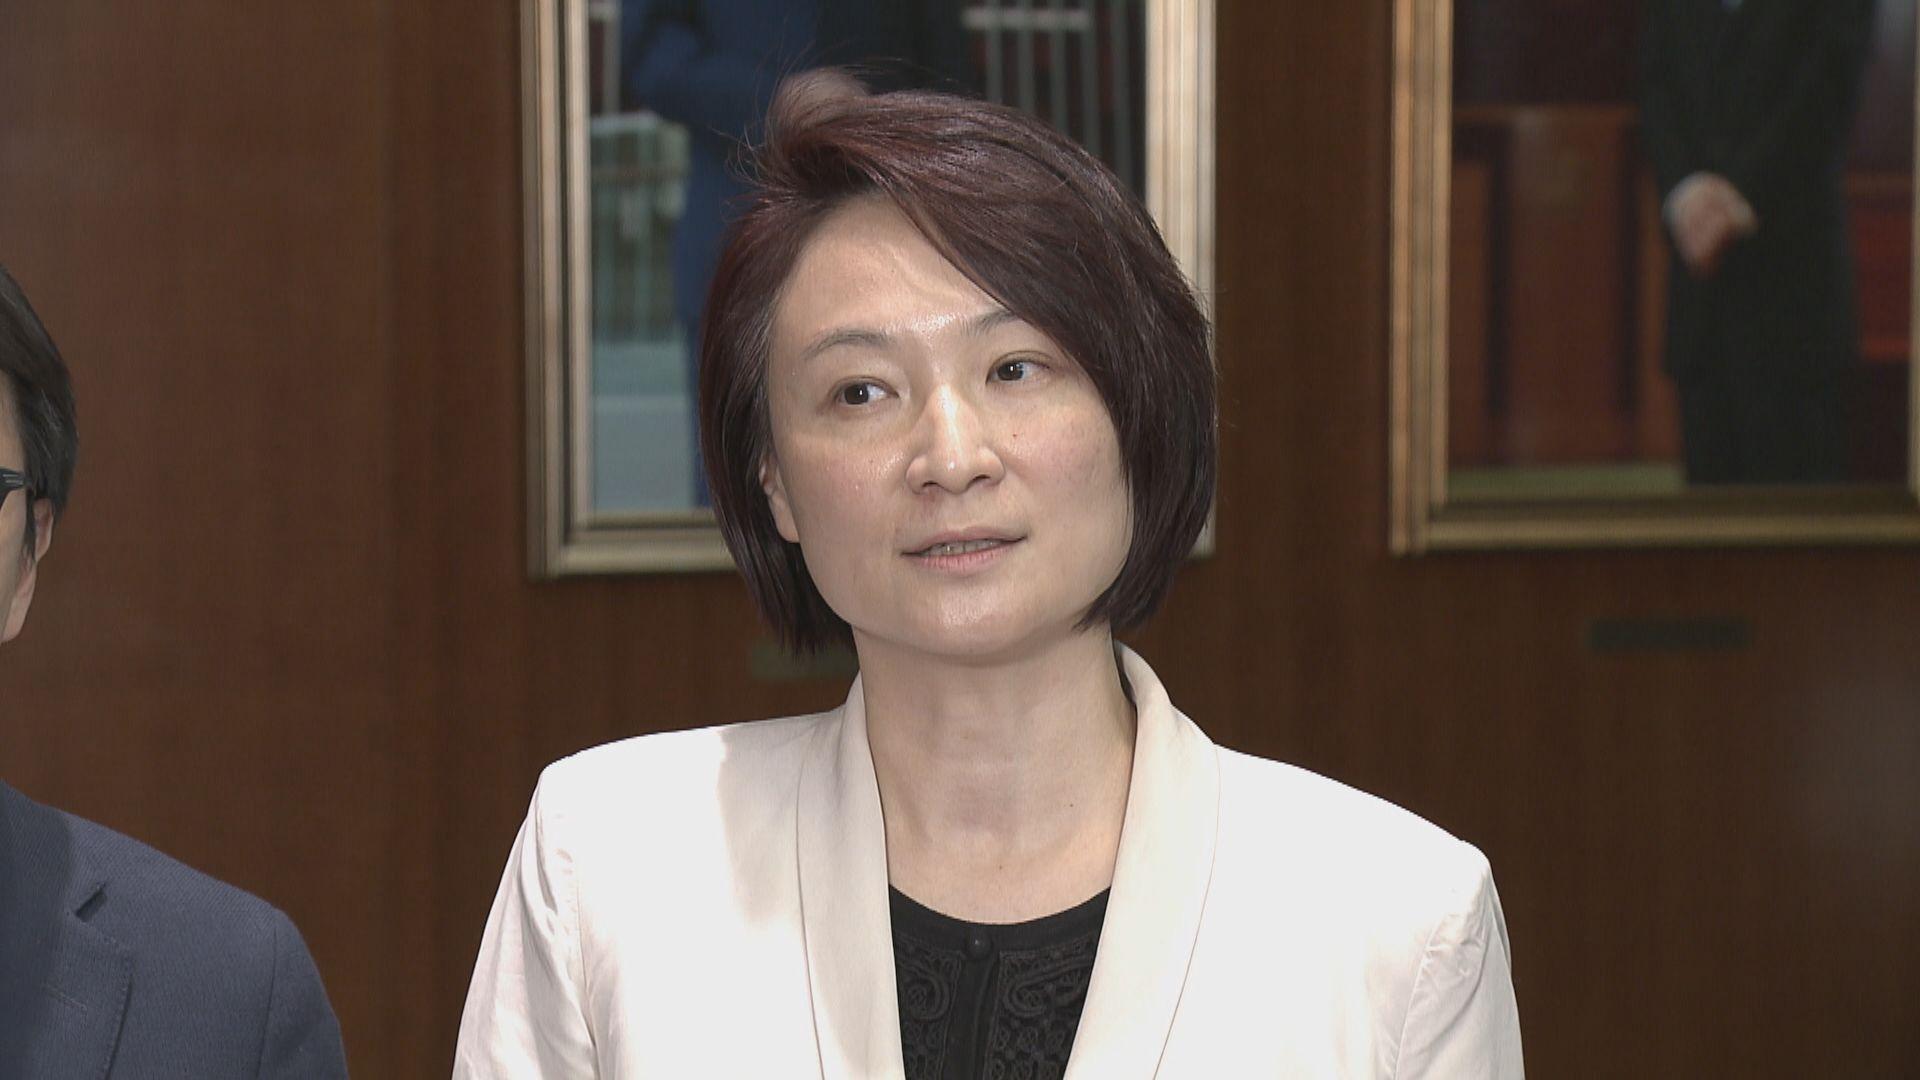 民建聯促政府以其他方法處理台灣殺人案